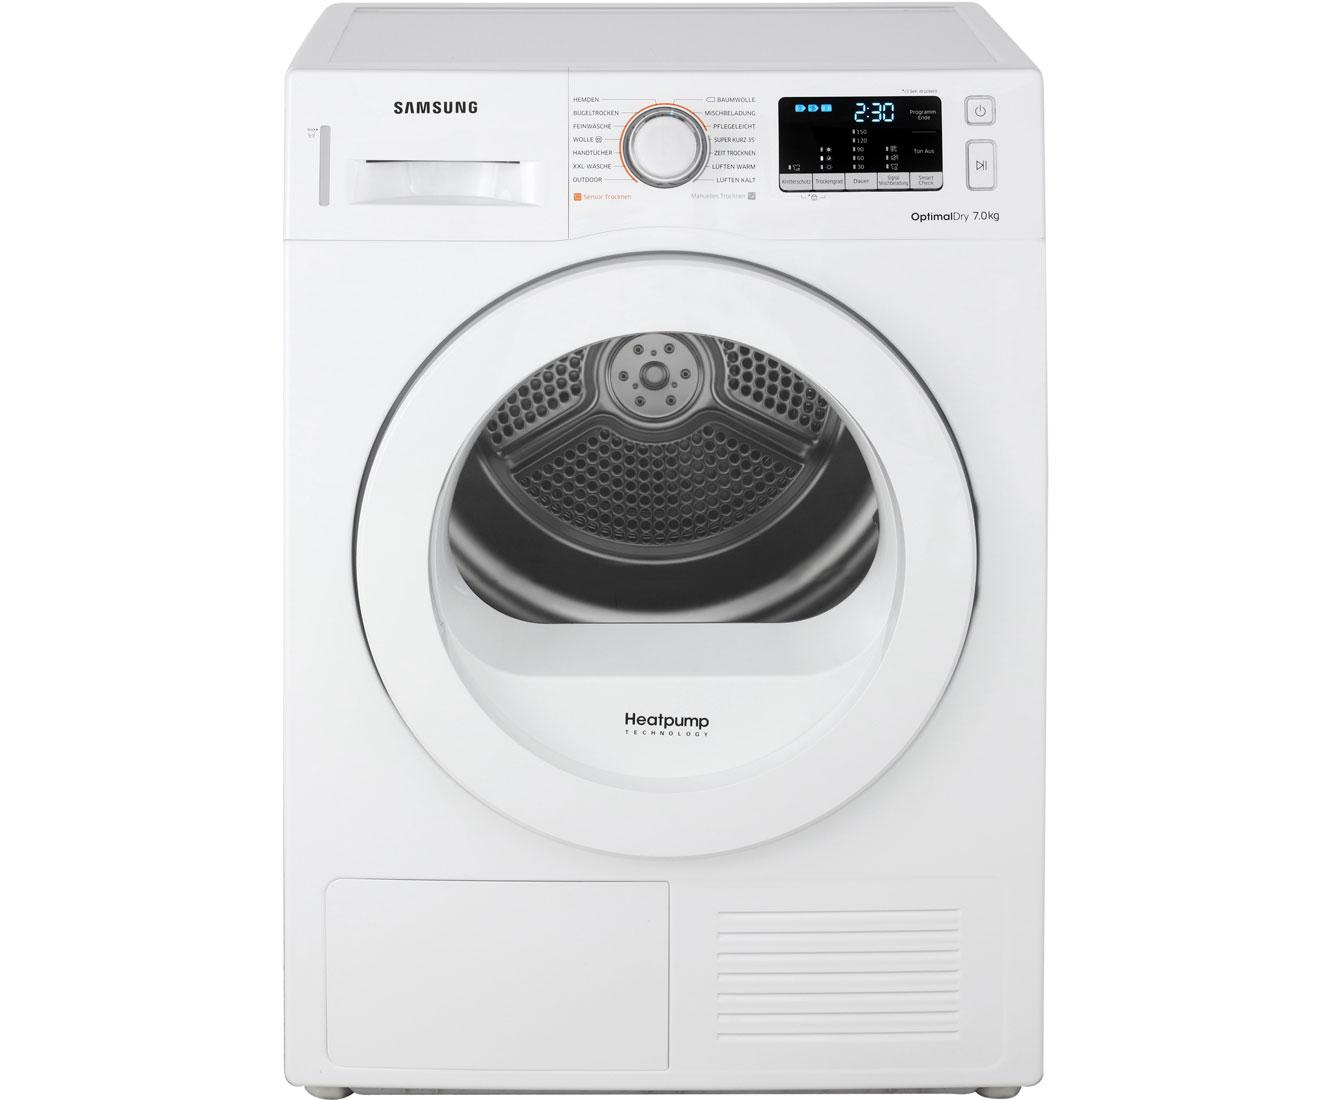 Samsung DV70M5020KW/EG Wärmepumpentrockner - Weiss | Bad > Waschmaschinen und Trockner | Weiss | Samsung